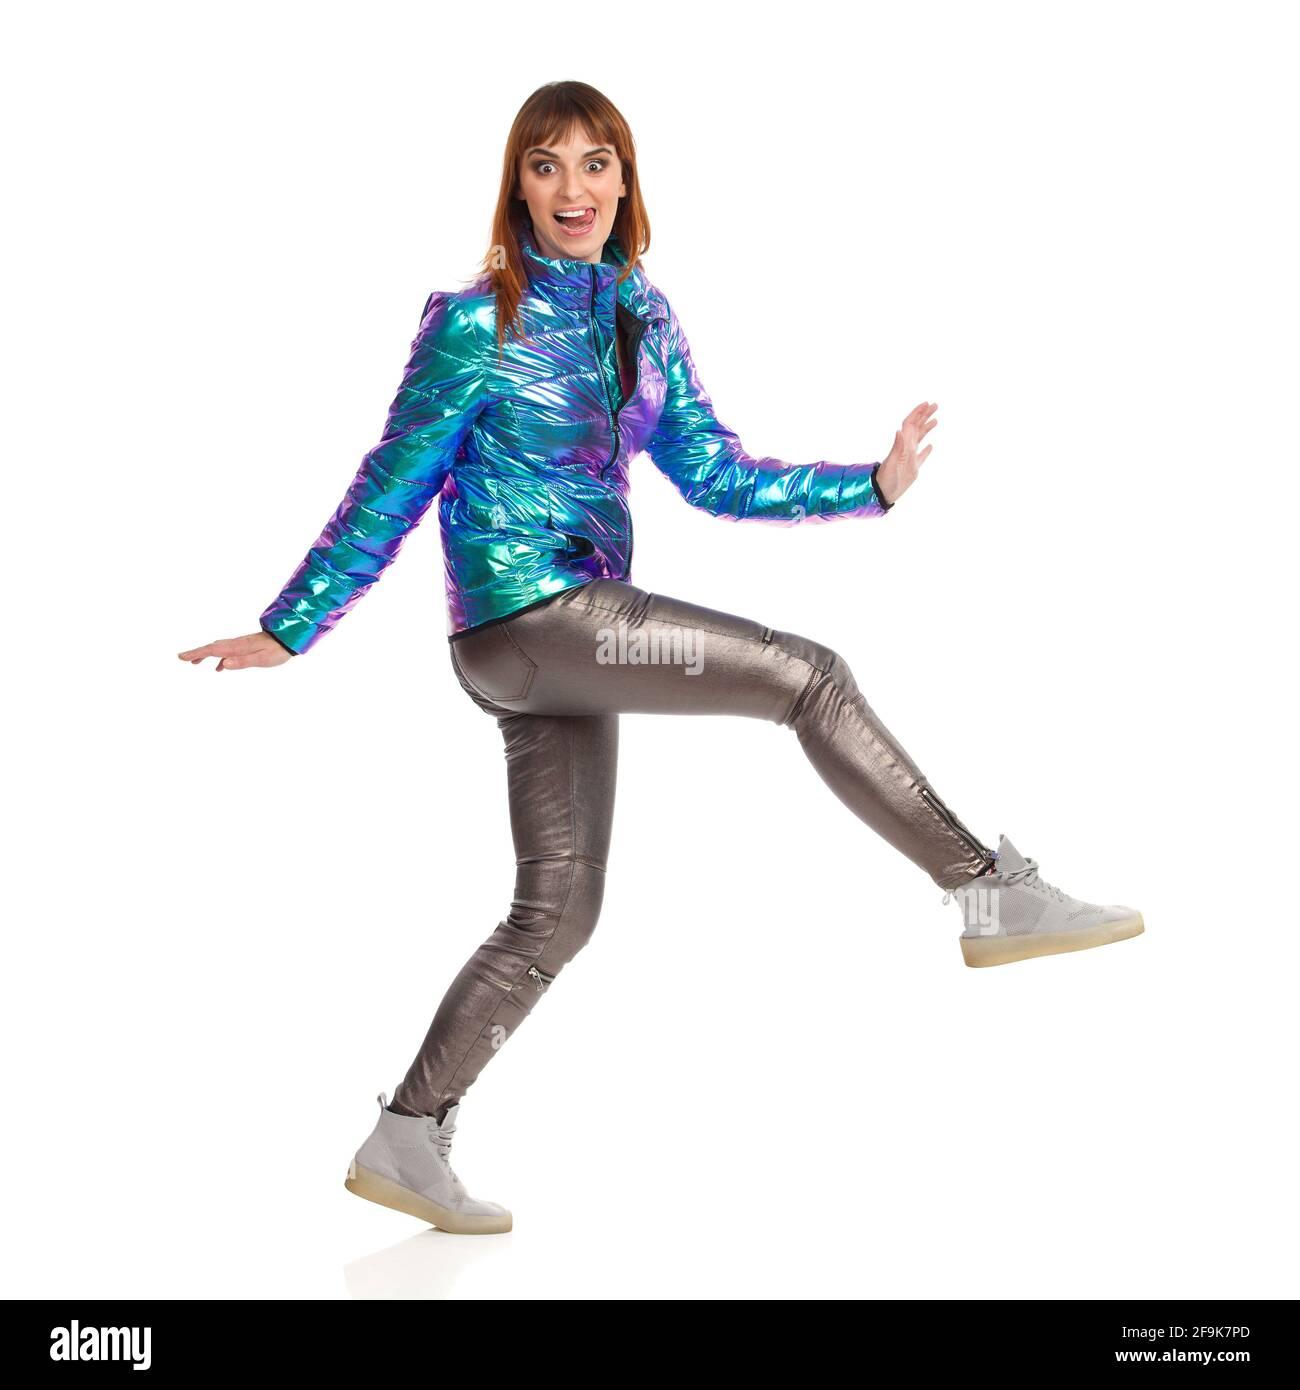 Drôle de jeune femme dans la veste en duvet vibrante, le pantalon brillant et les baskets marche et dépasse la langue. Vue latérale. Prise de vue en studio sur toute la longueur isolée sur Banque D'Images